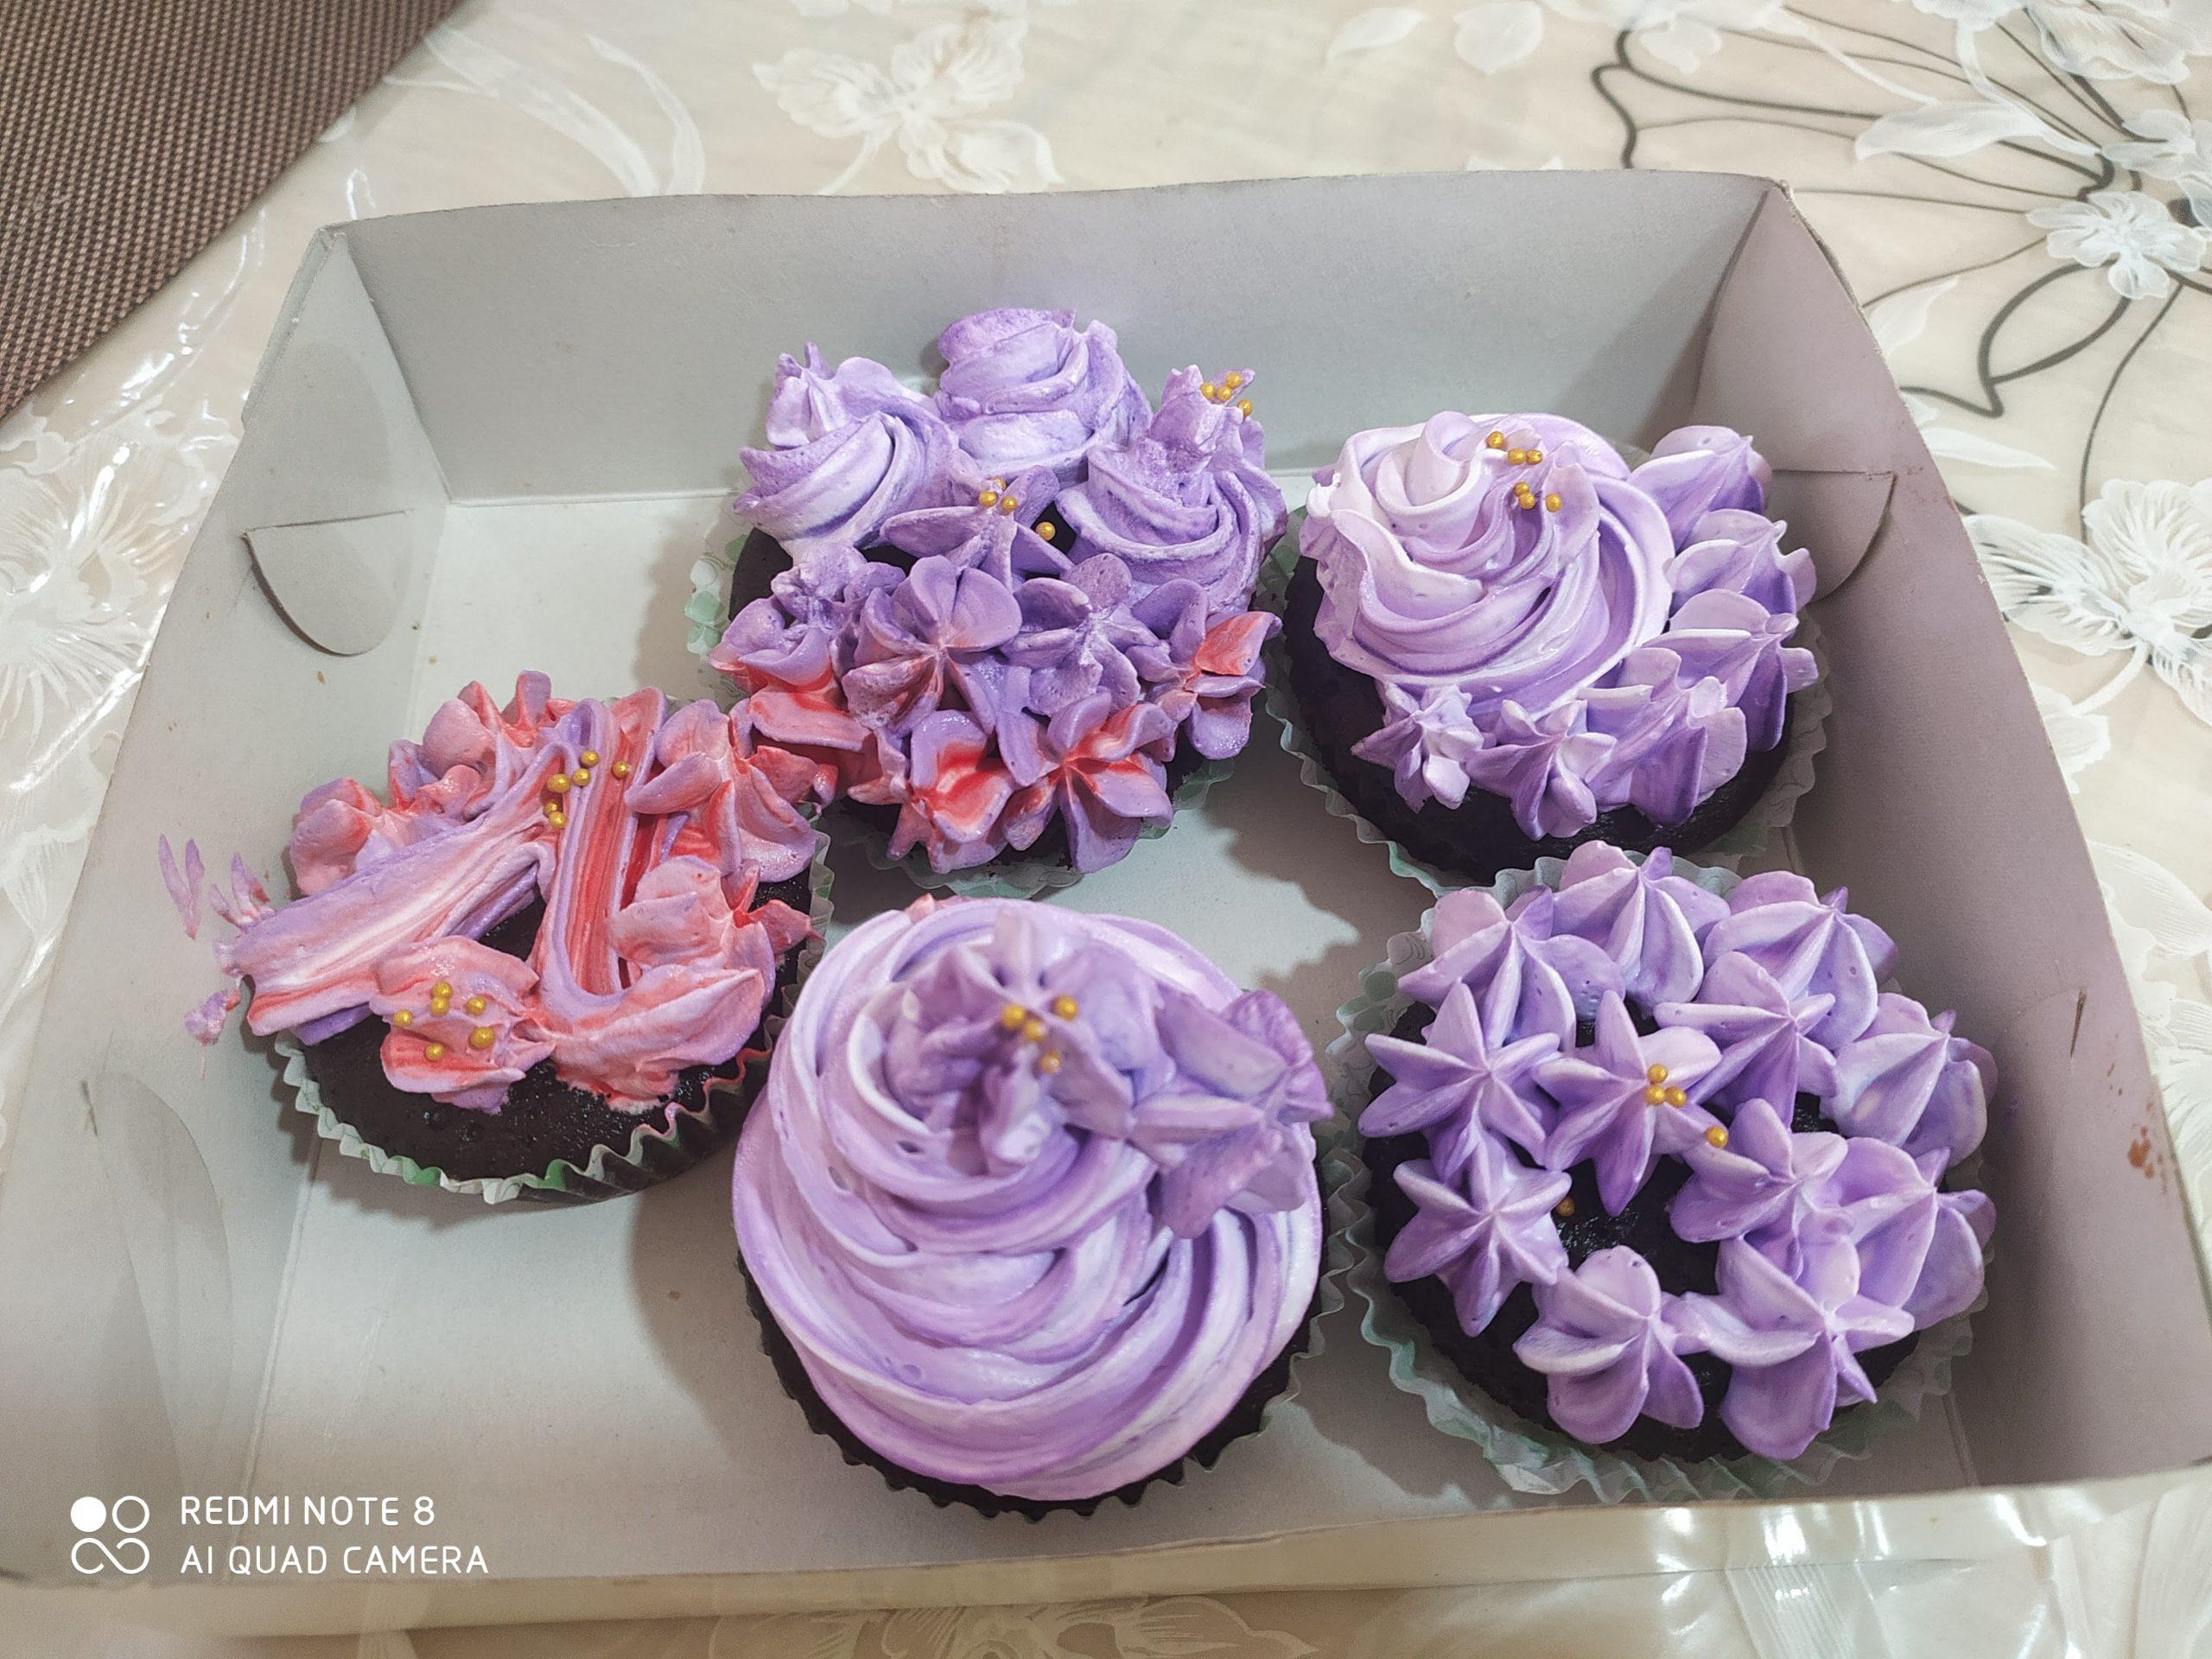 Cupcakes (minimum 6 pieces order) Designs, Images, Price Near Me